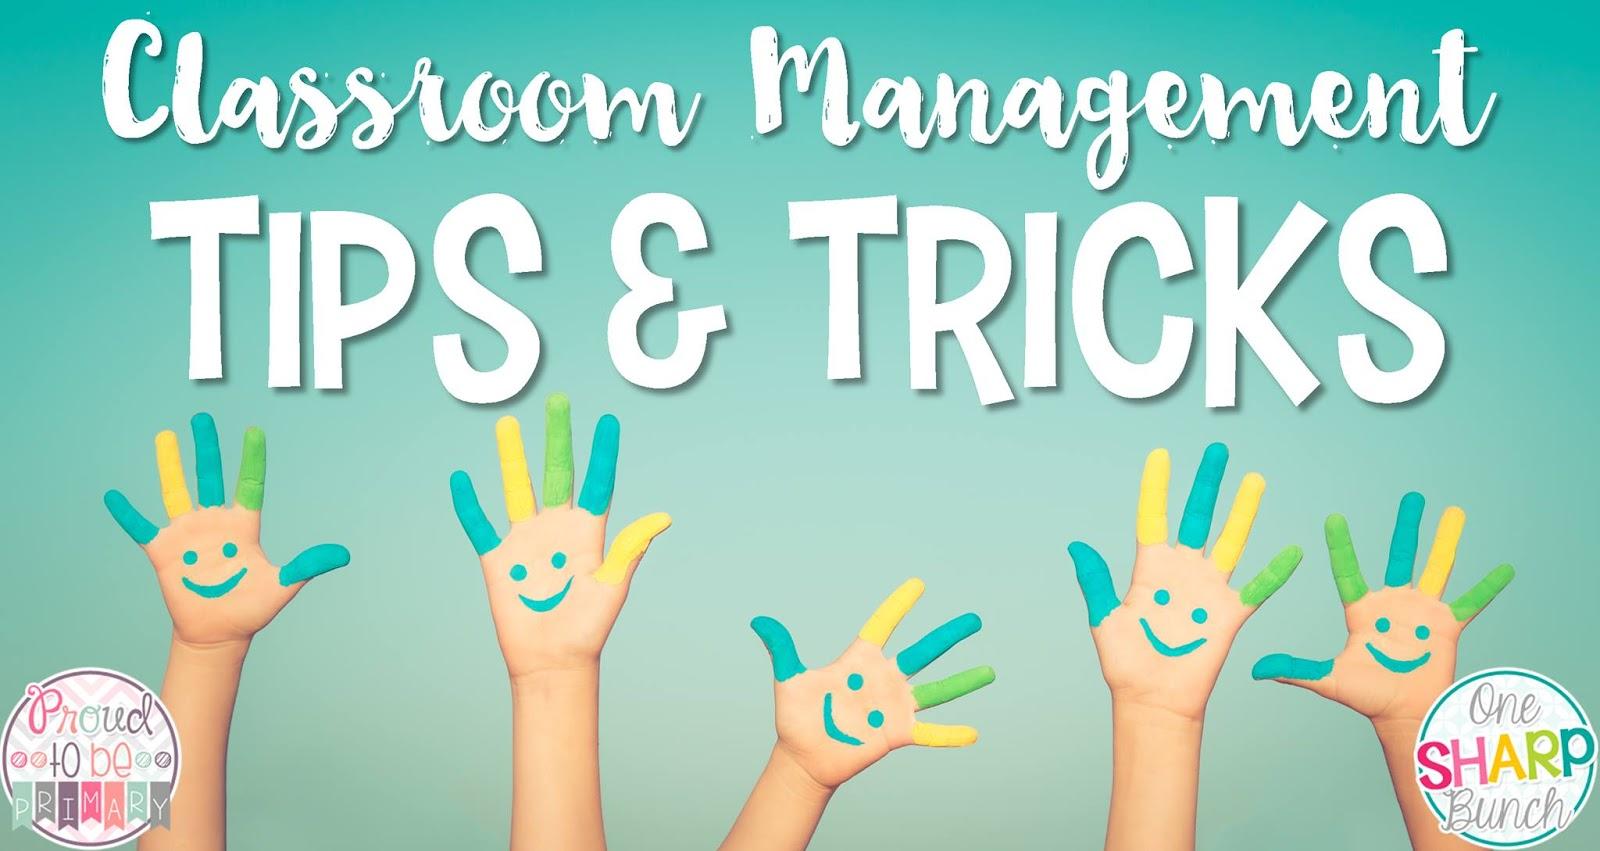 Classroom Management Ideas For Kindergarten : Classroom management tips tricks freebies one sharp